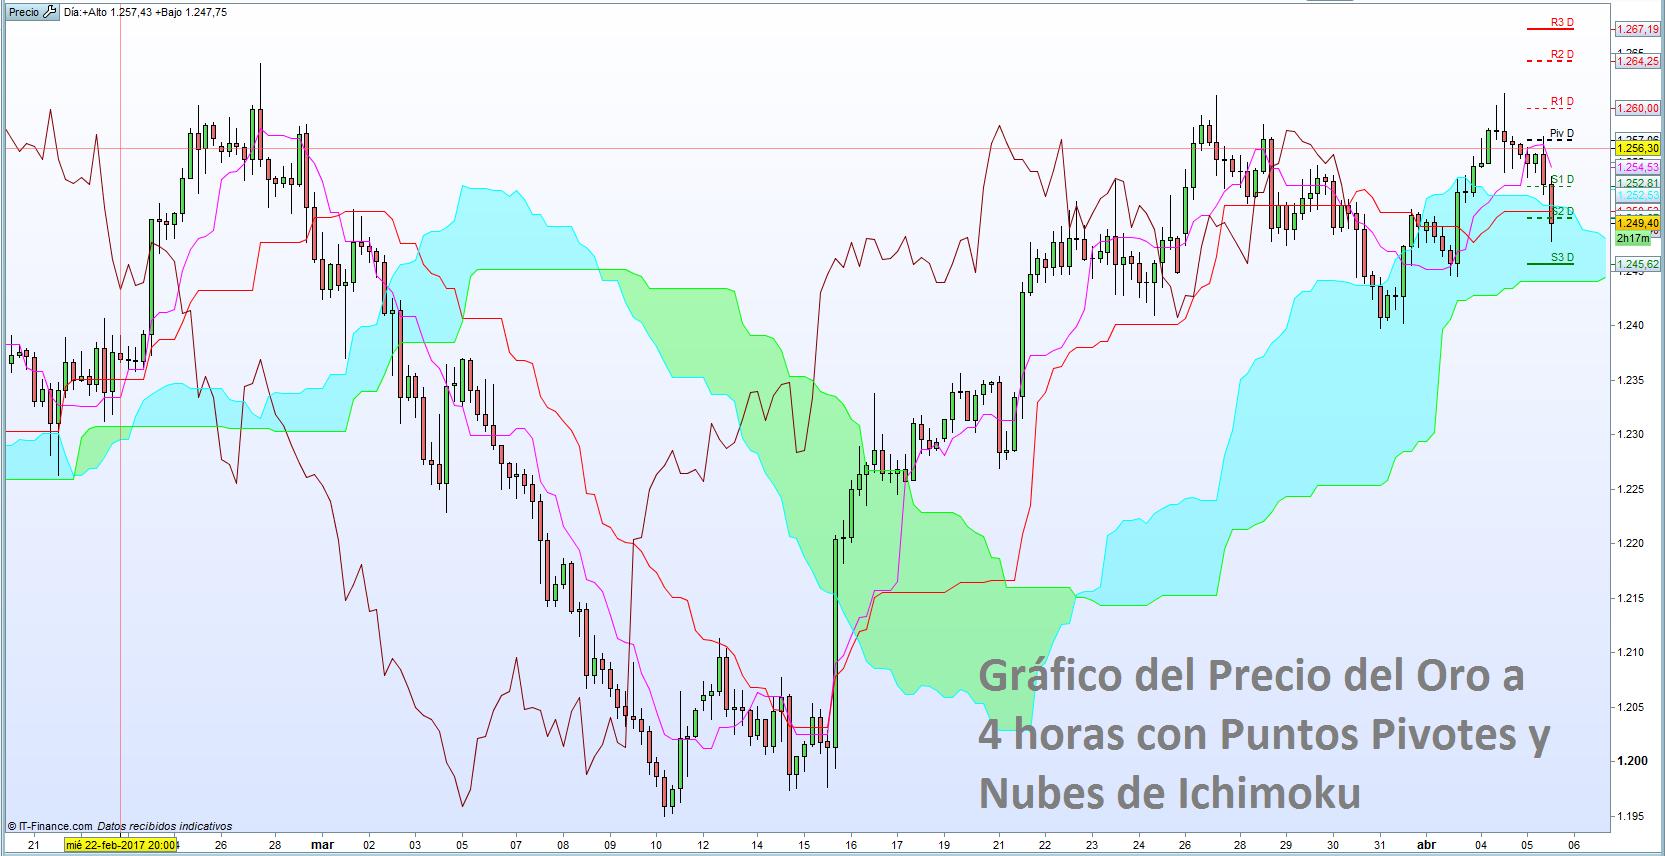 El Precio del Oro se mantiene bajo resistencias importantes: niveles técnicos de trading no solo intradía